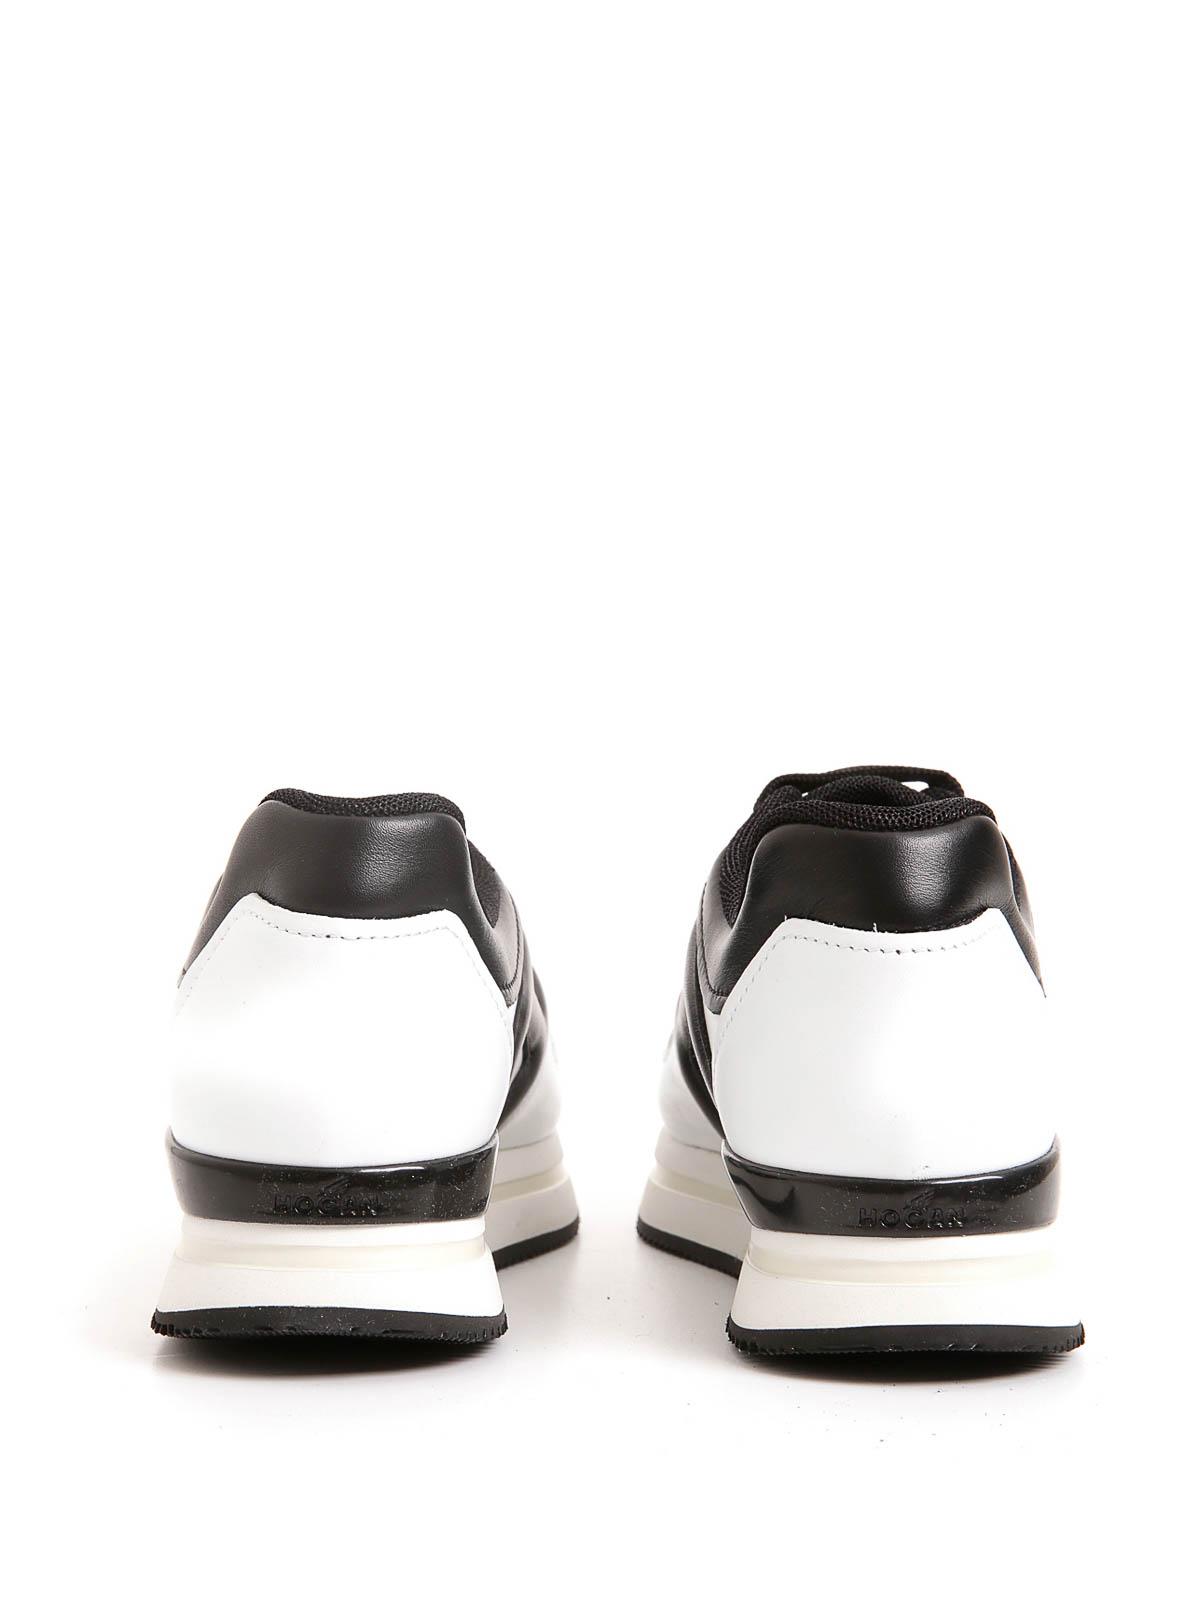 Sneakers Hogan - Sneaker casual H22 - HXW220T540CSR002 | iKRIX ...